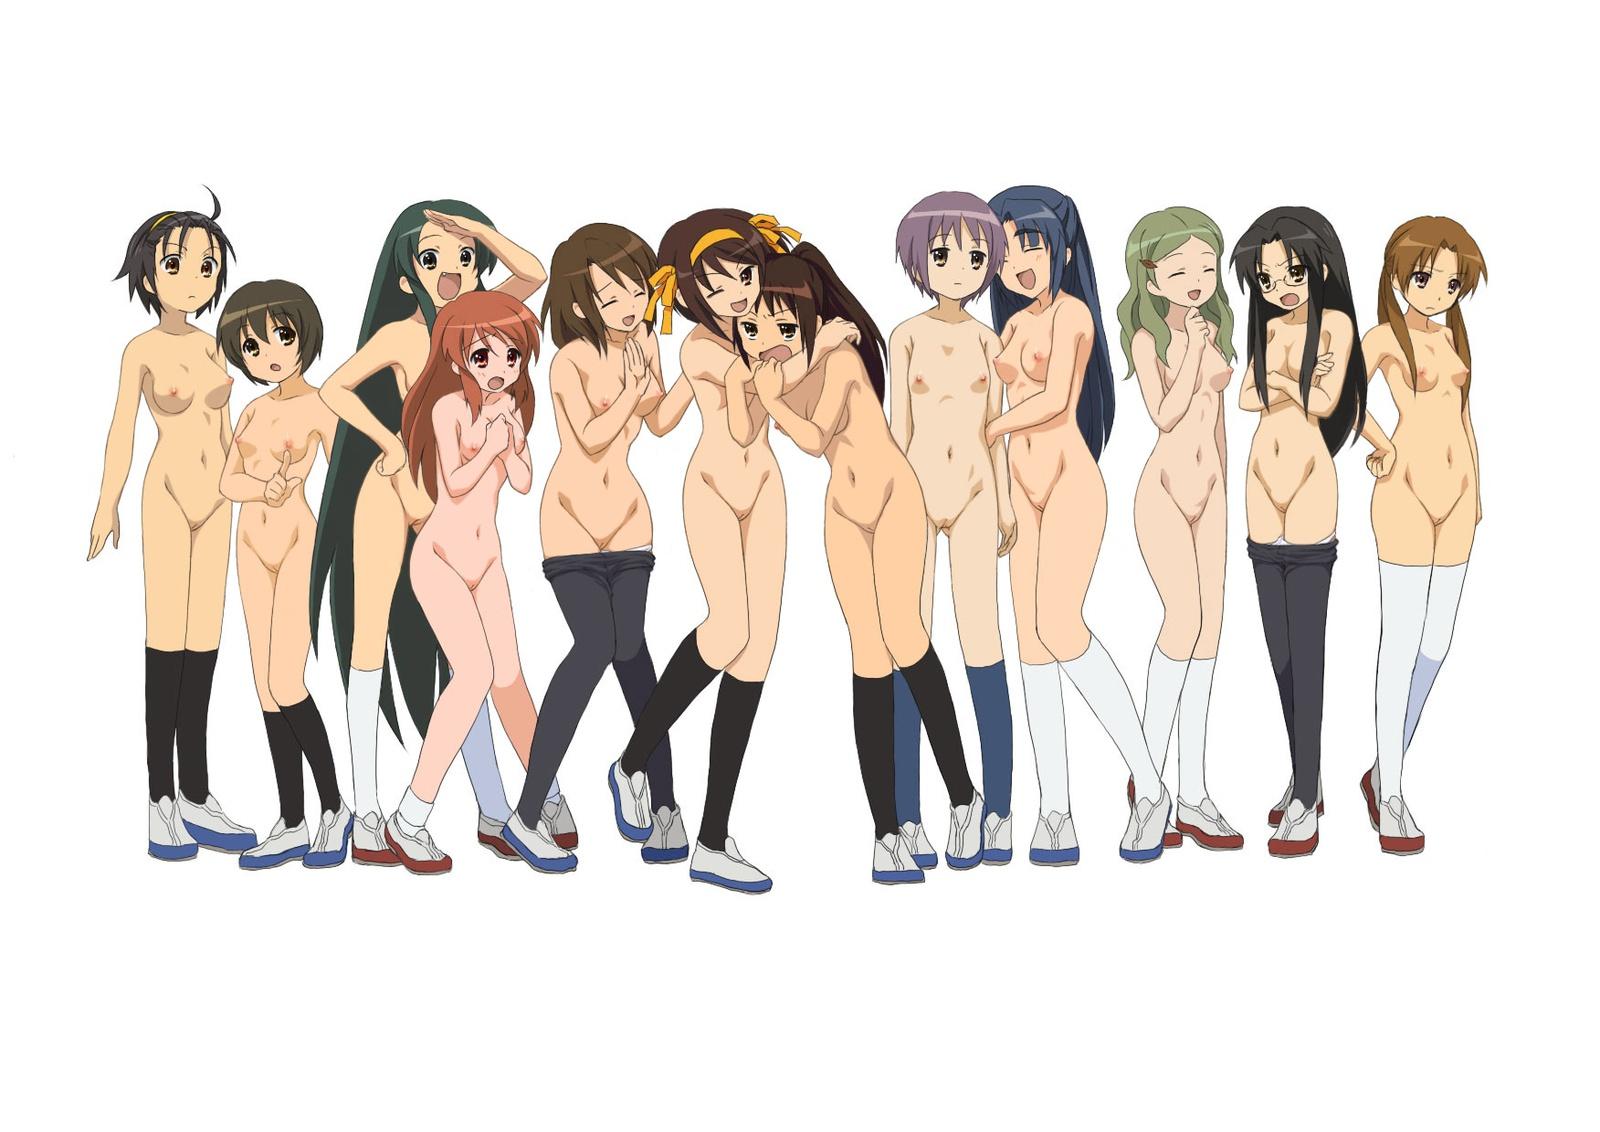 二次エロ画像 裸の女性大量 14枚目